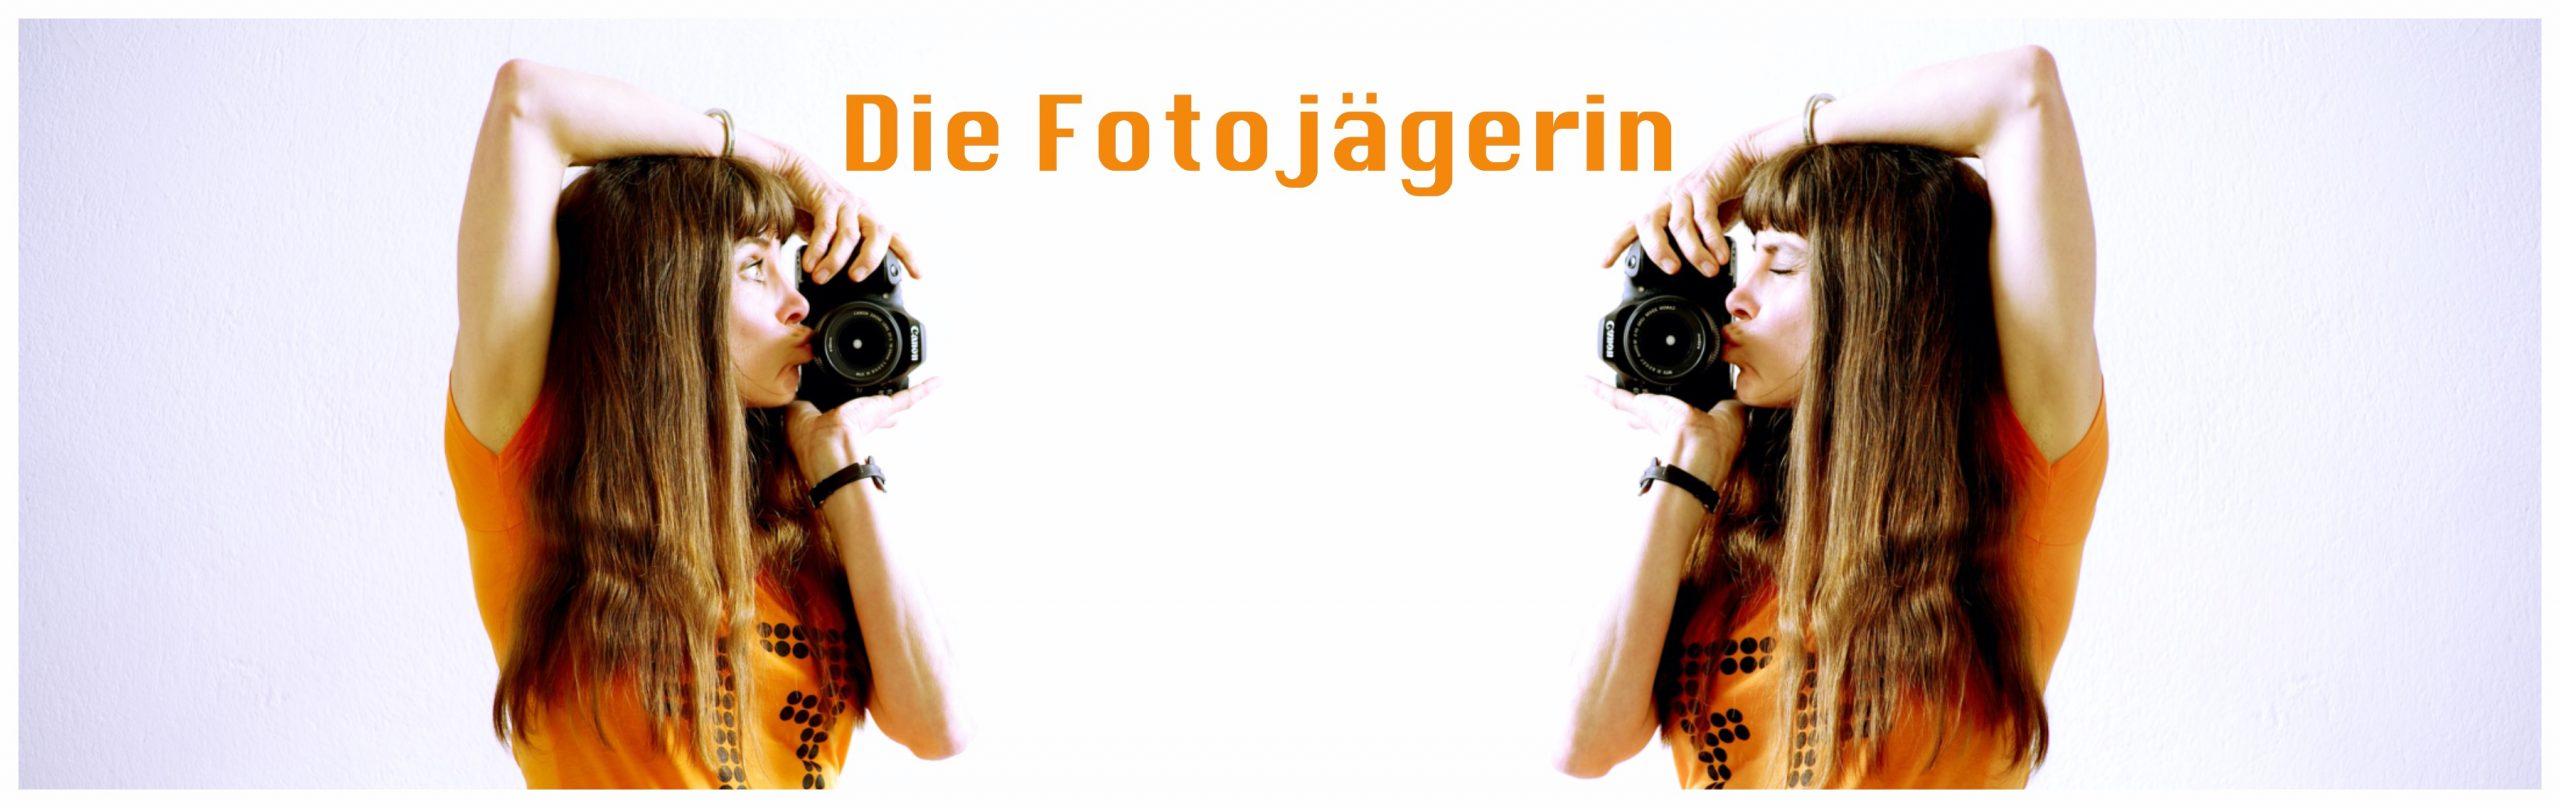 Die Fotojägerin - Simone Busch